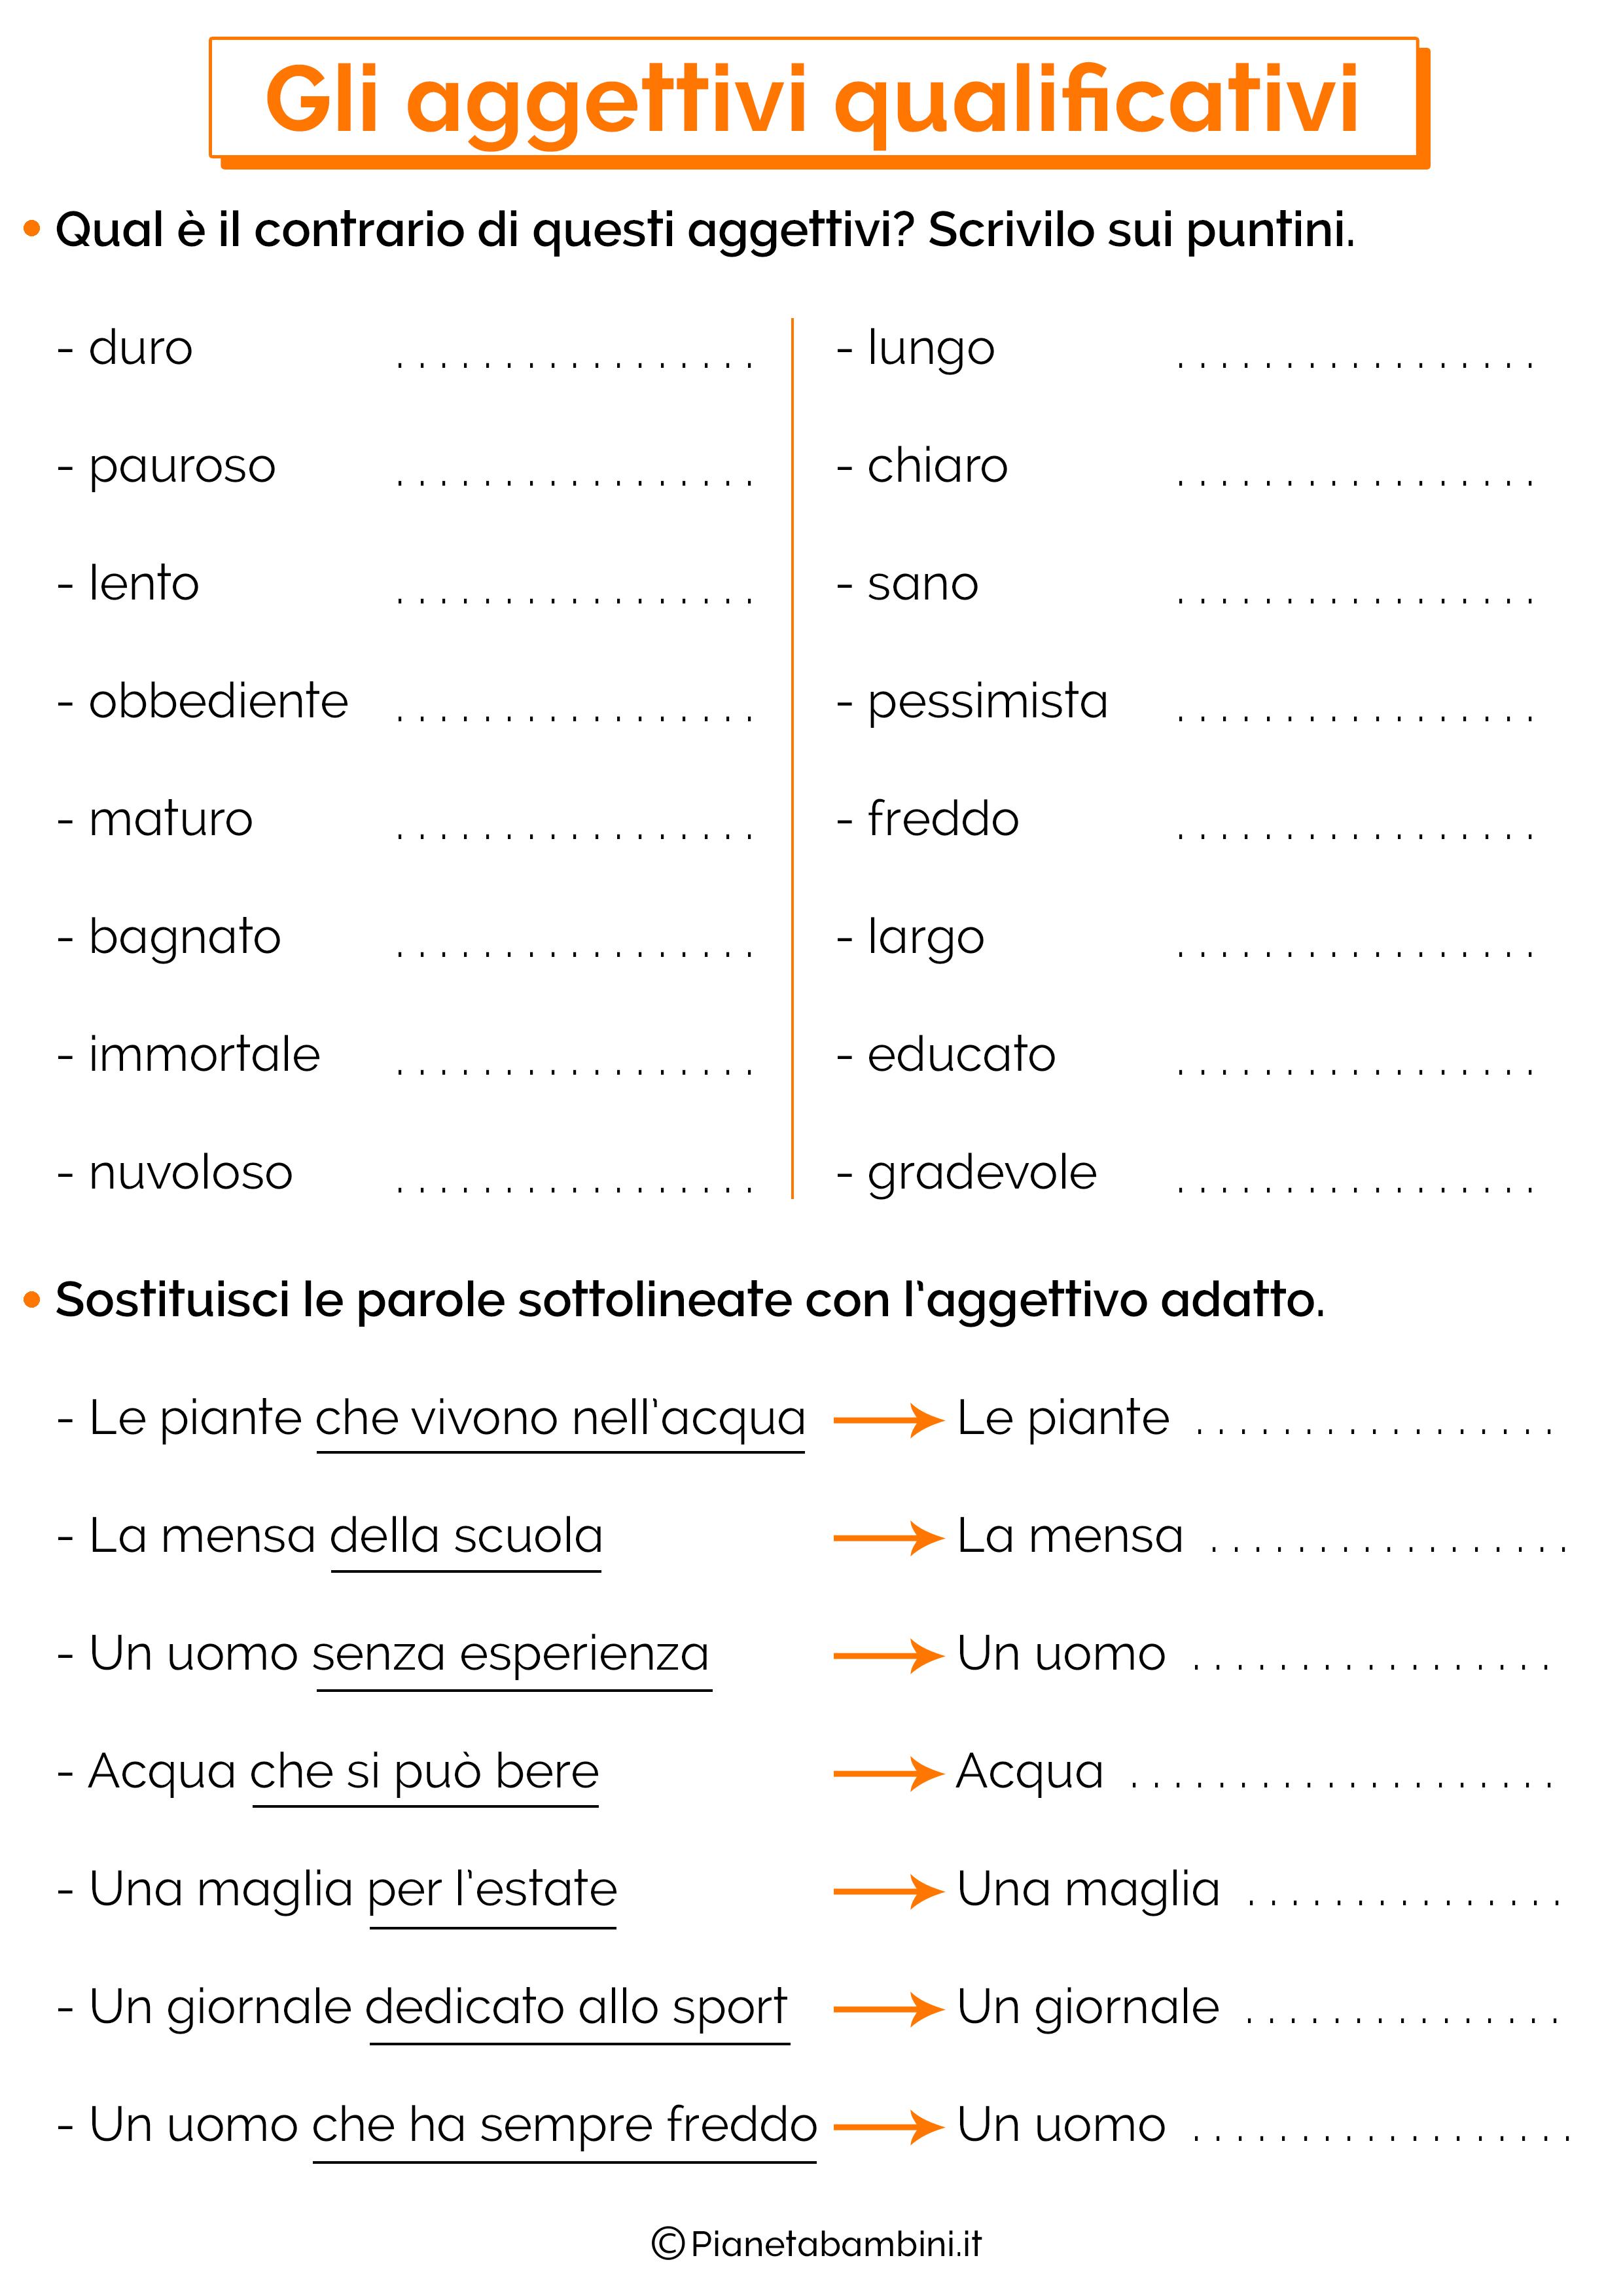 Scheda didattica sugli aggettivi qualificativi 12